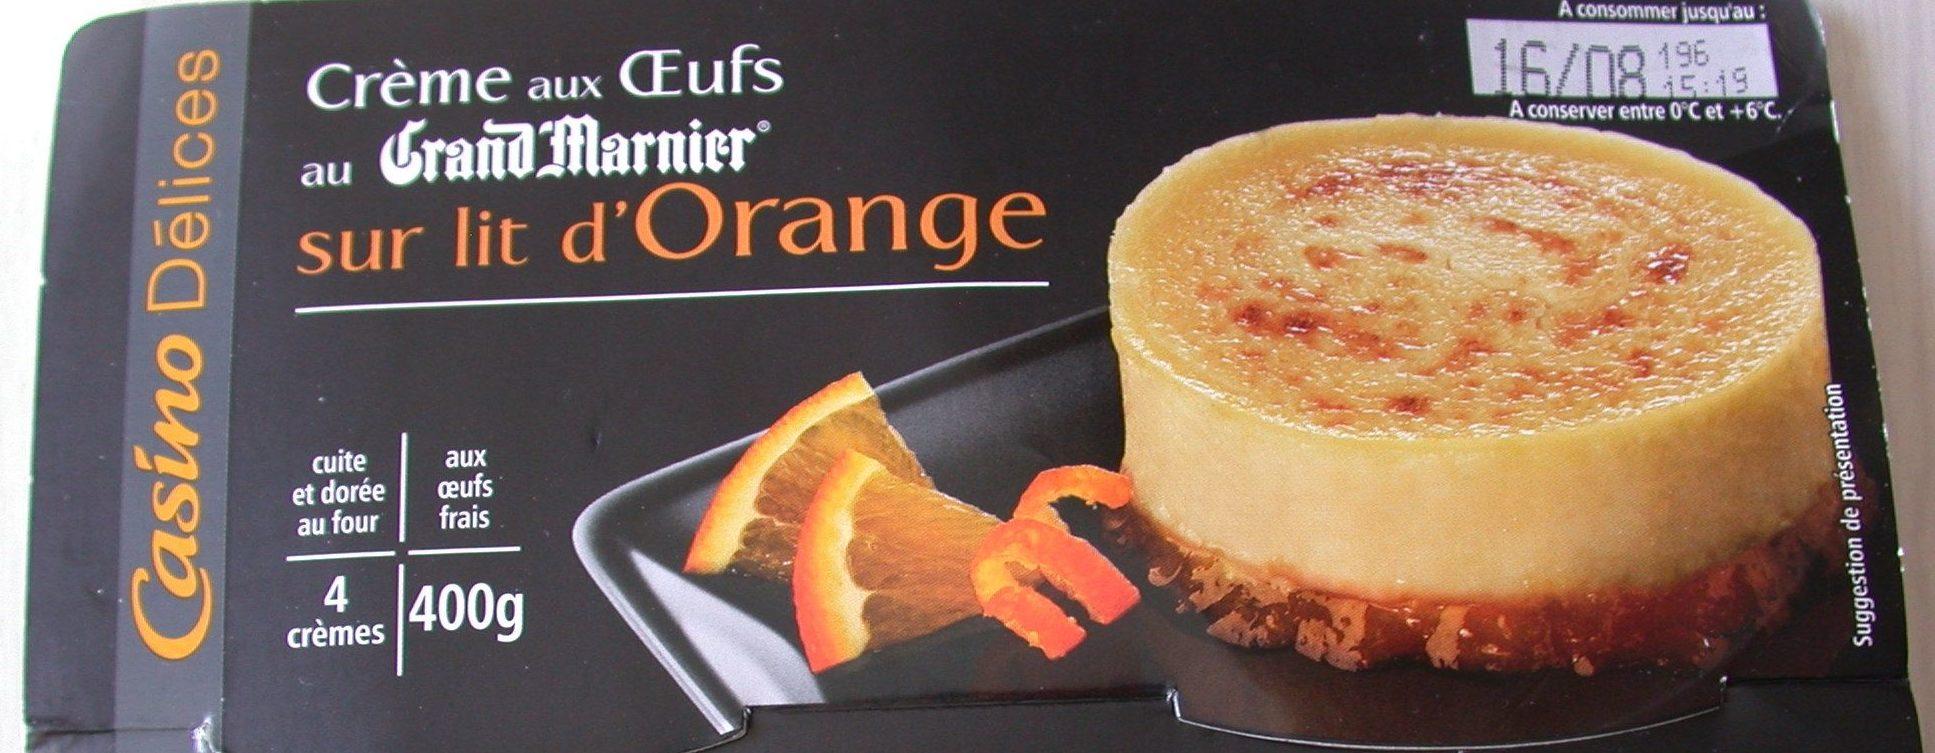 Crème aux œufs saveur vanille sur lit à l'orange - cuite et dorée au four - Produit - fr